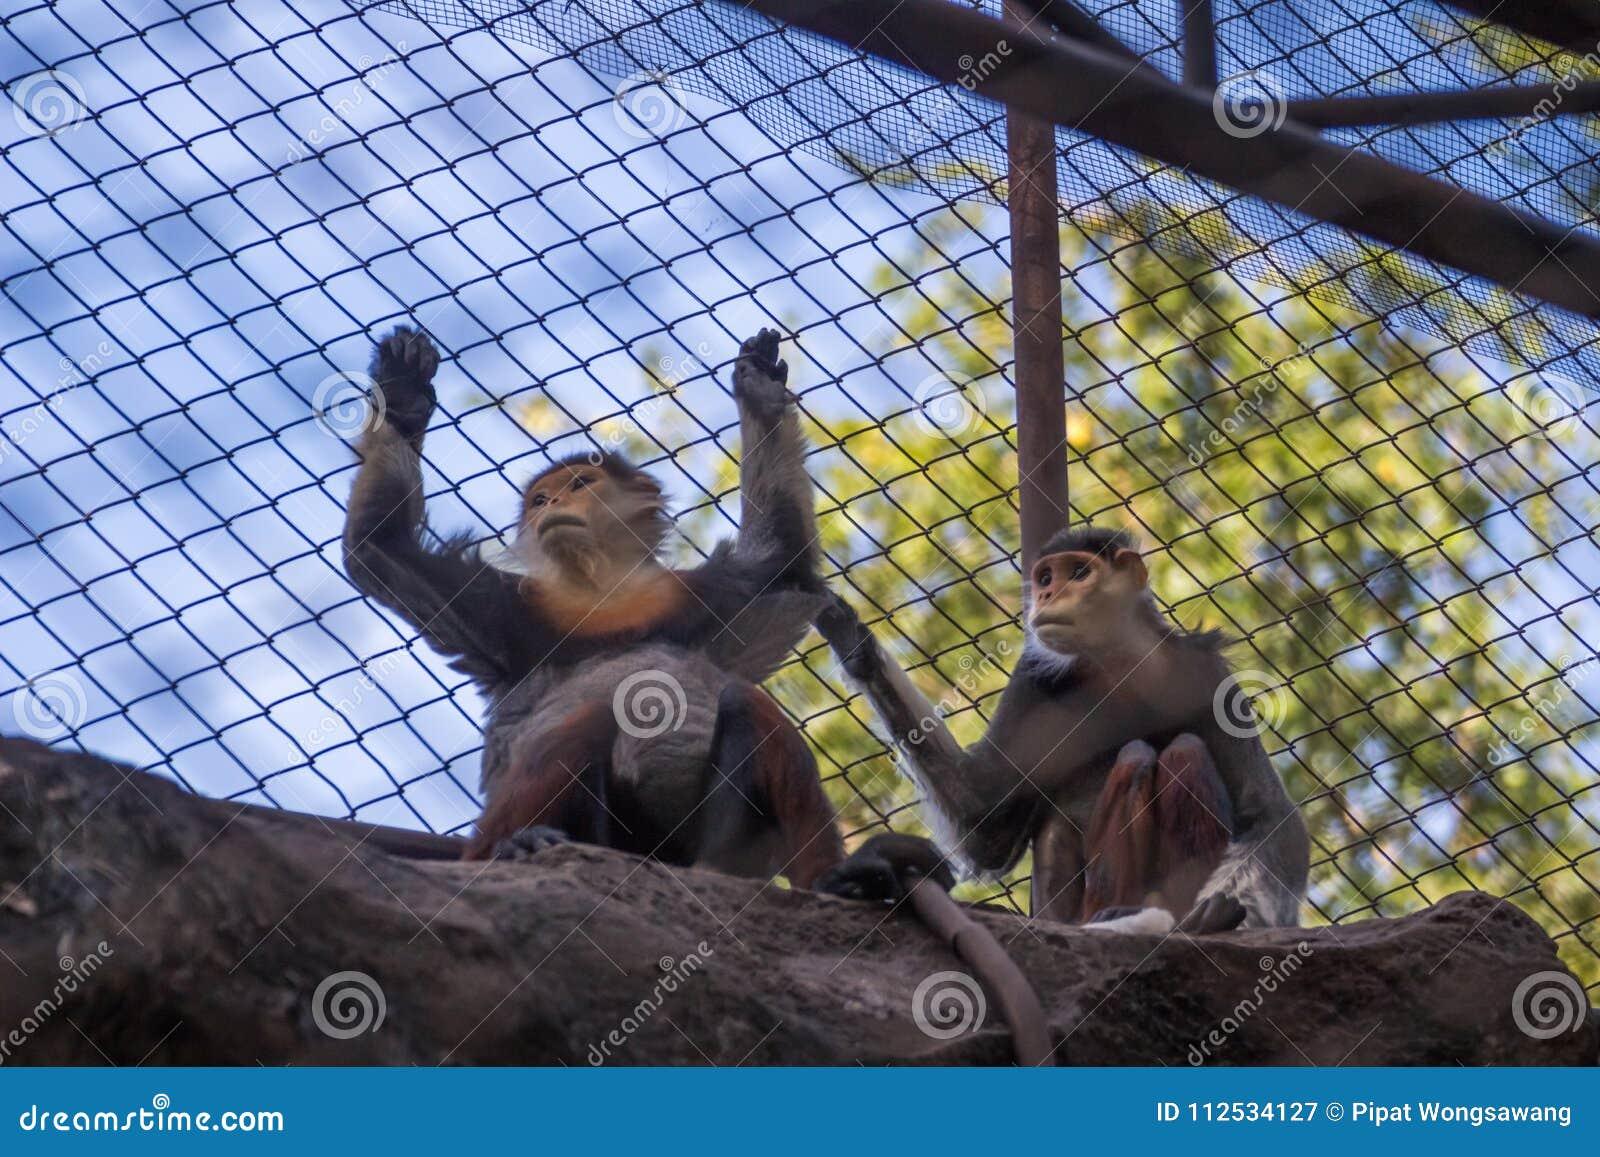 Monkey в клетке, глазах унылый